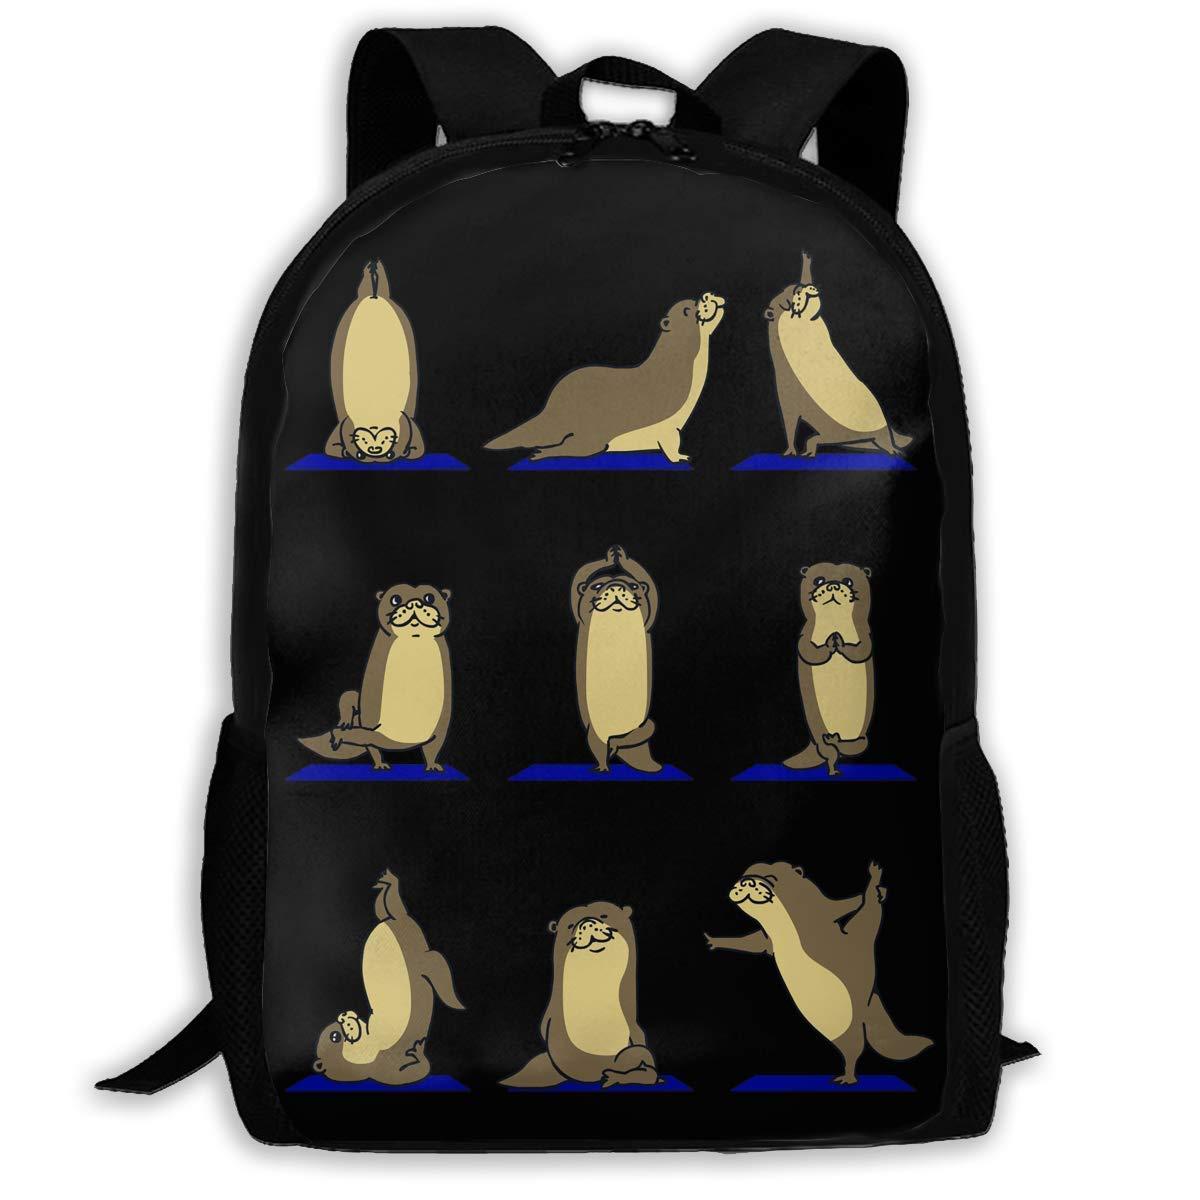 Amazon.com: Otter Yoga Backpack Laptop Bags Shoulder Bag ...